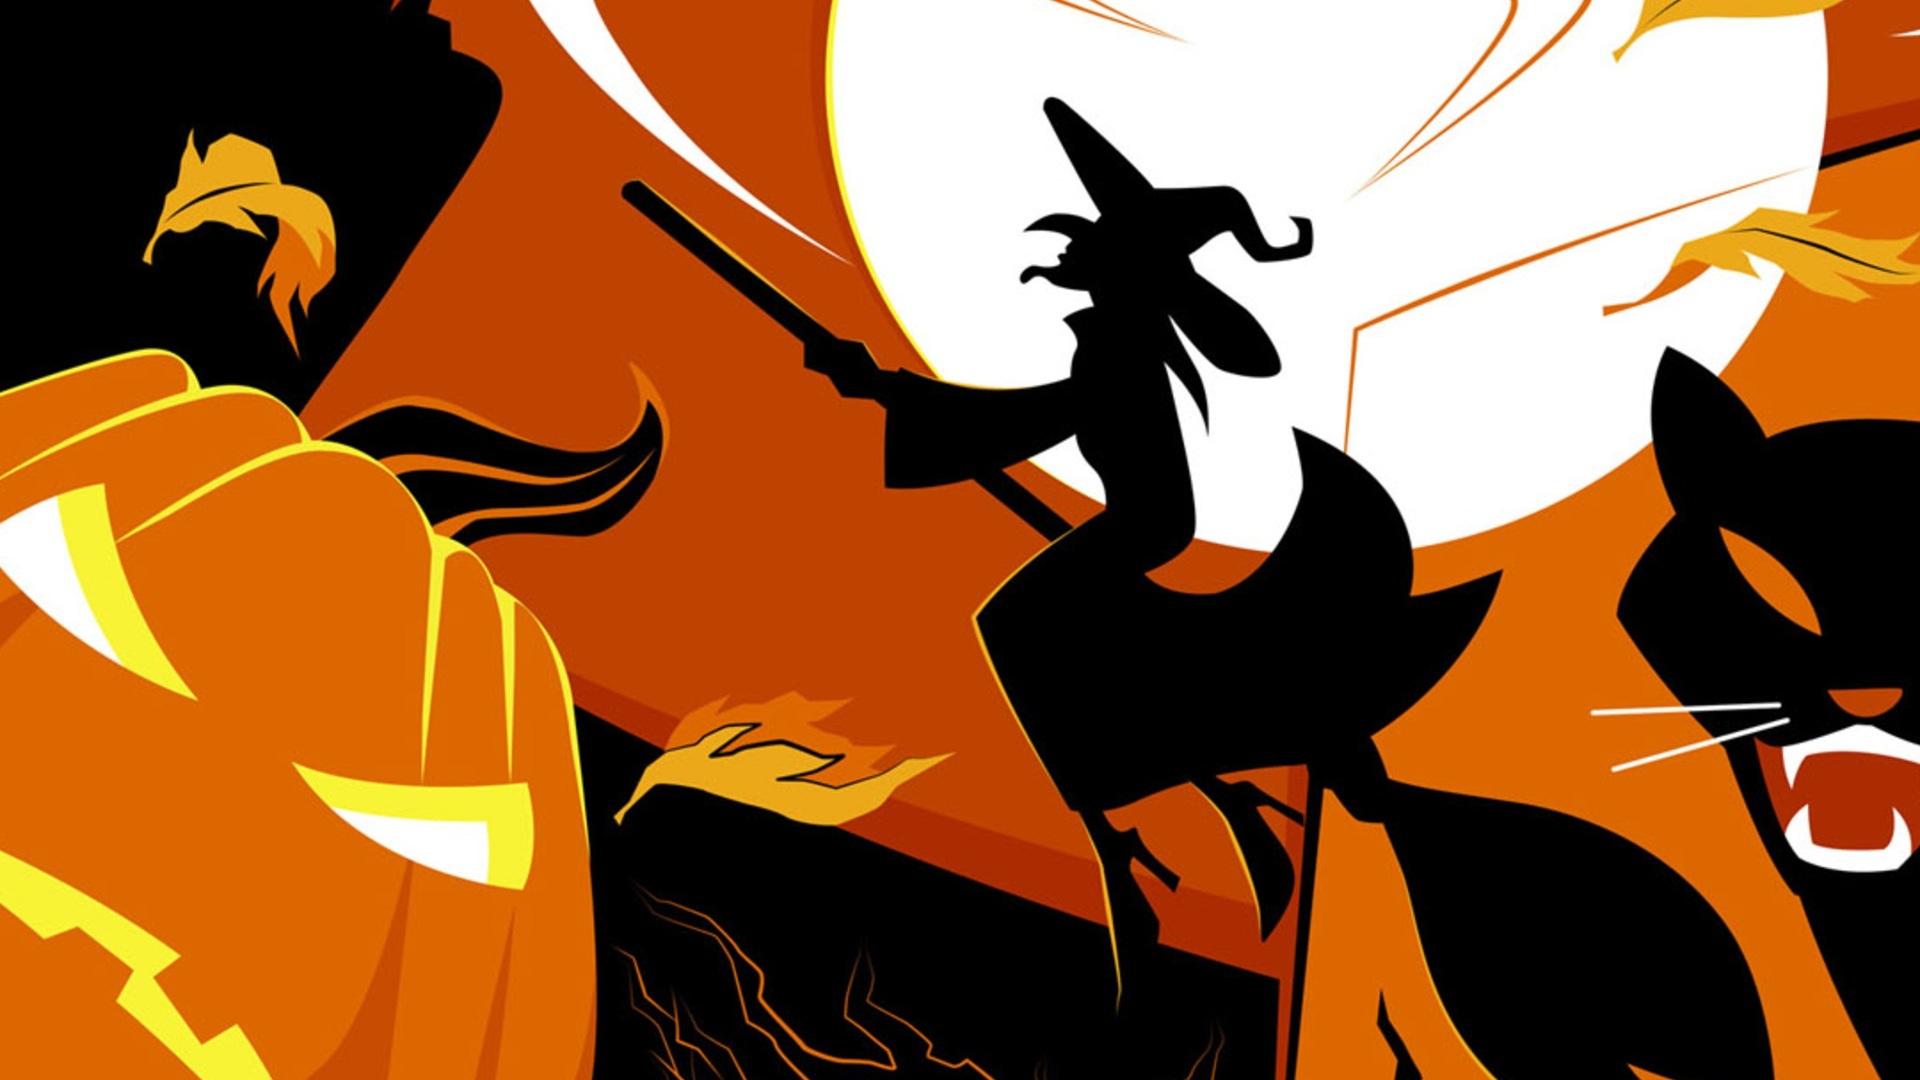 Halloween Wallpapers, Halloween Fondos Hd Gratis